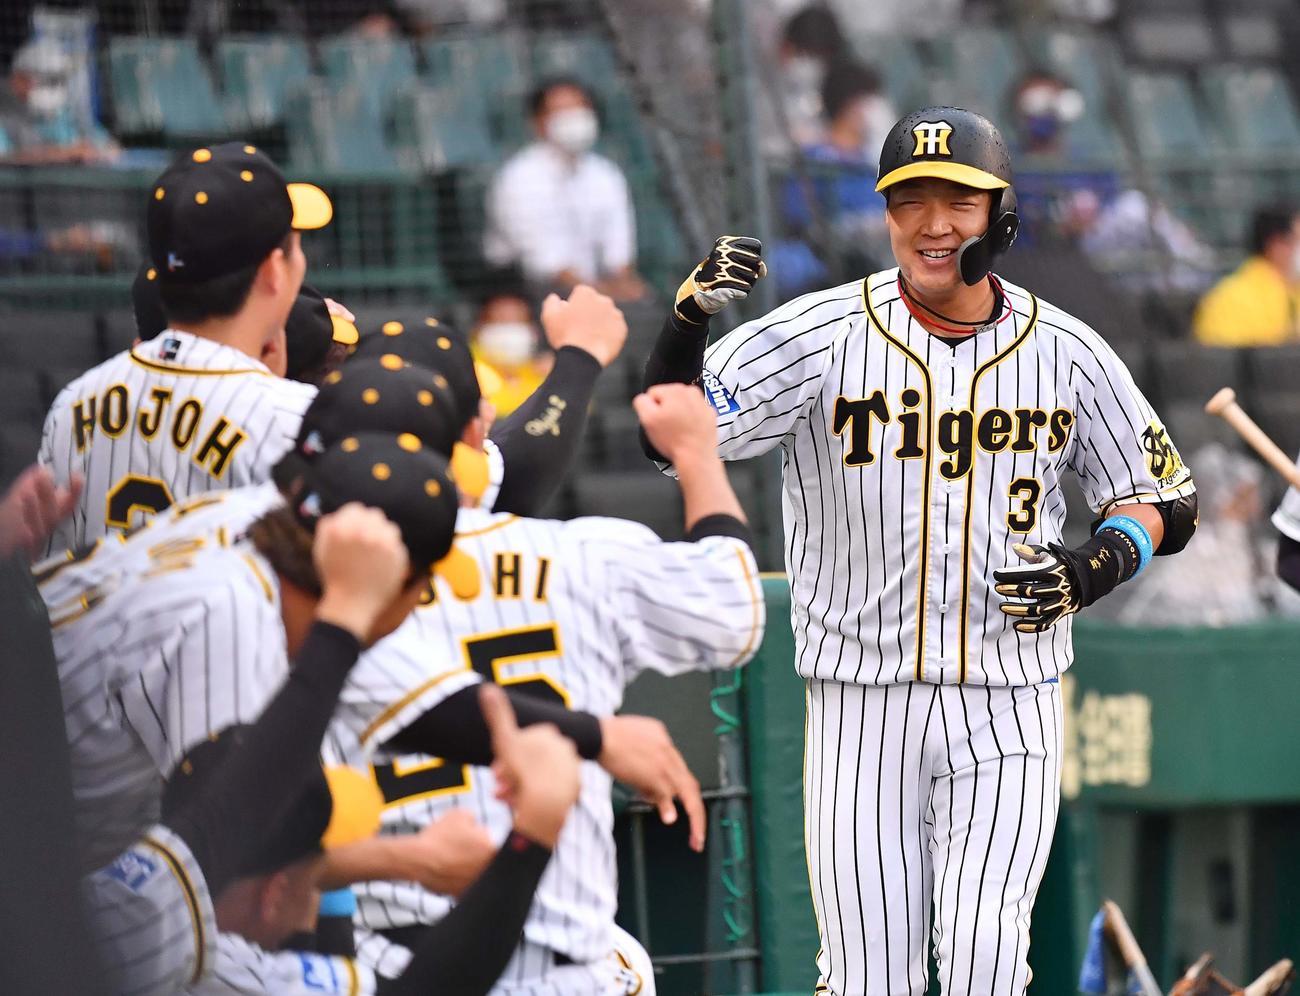 阪神対DeNA 1回裏阪神1死、大山は左越え本塁打を放ち笑顔を見せる(撮影・上田博志)